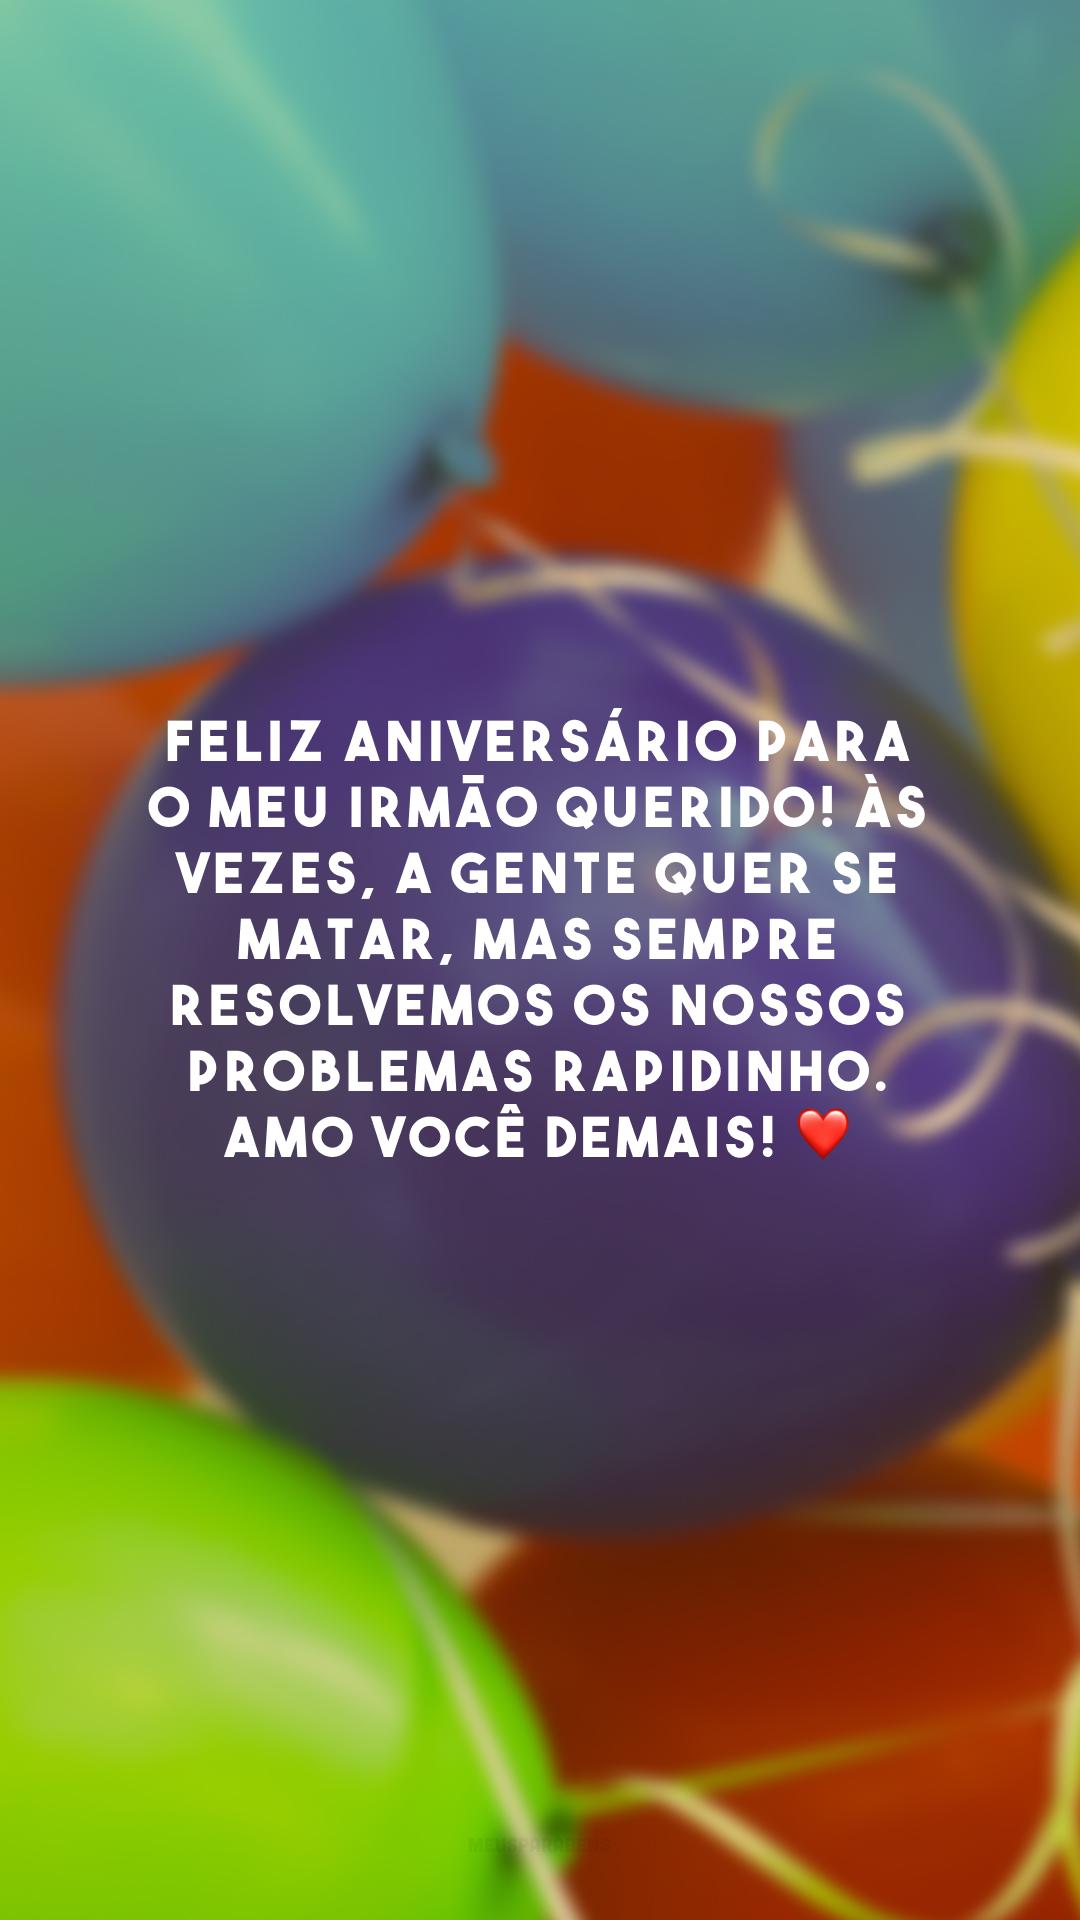 Feliz aniversário para o meu irmão querido! Às vezes, a gente quer se matar, mas sempre resolvemos os nossos problemas rapidinho. Amo você demais! ❤️